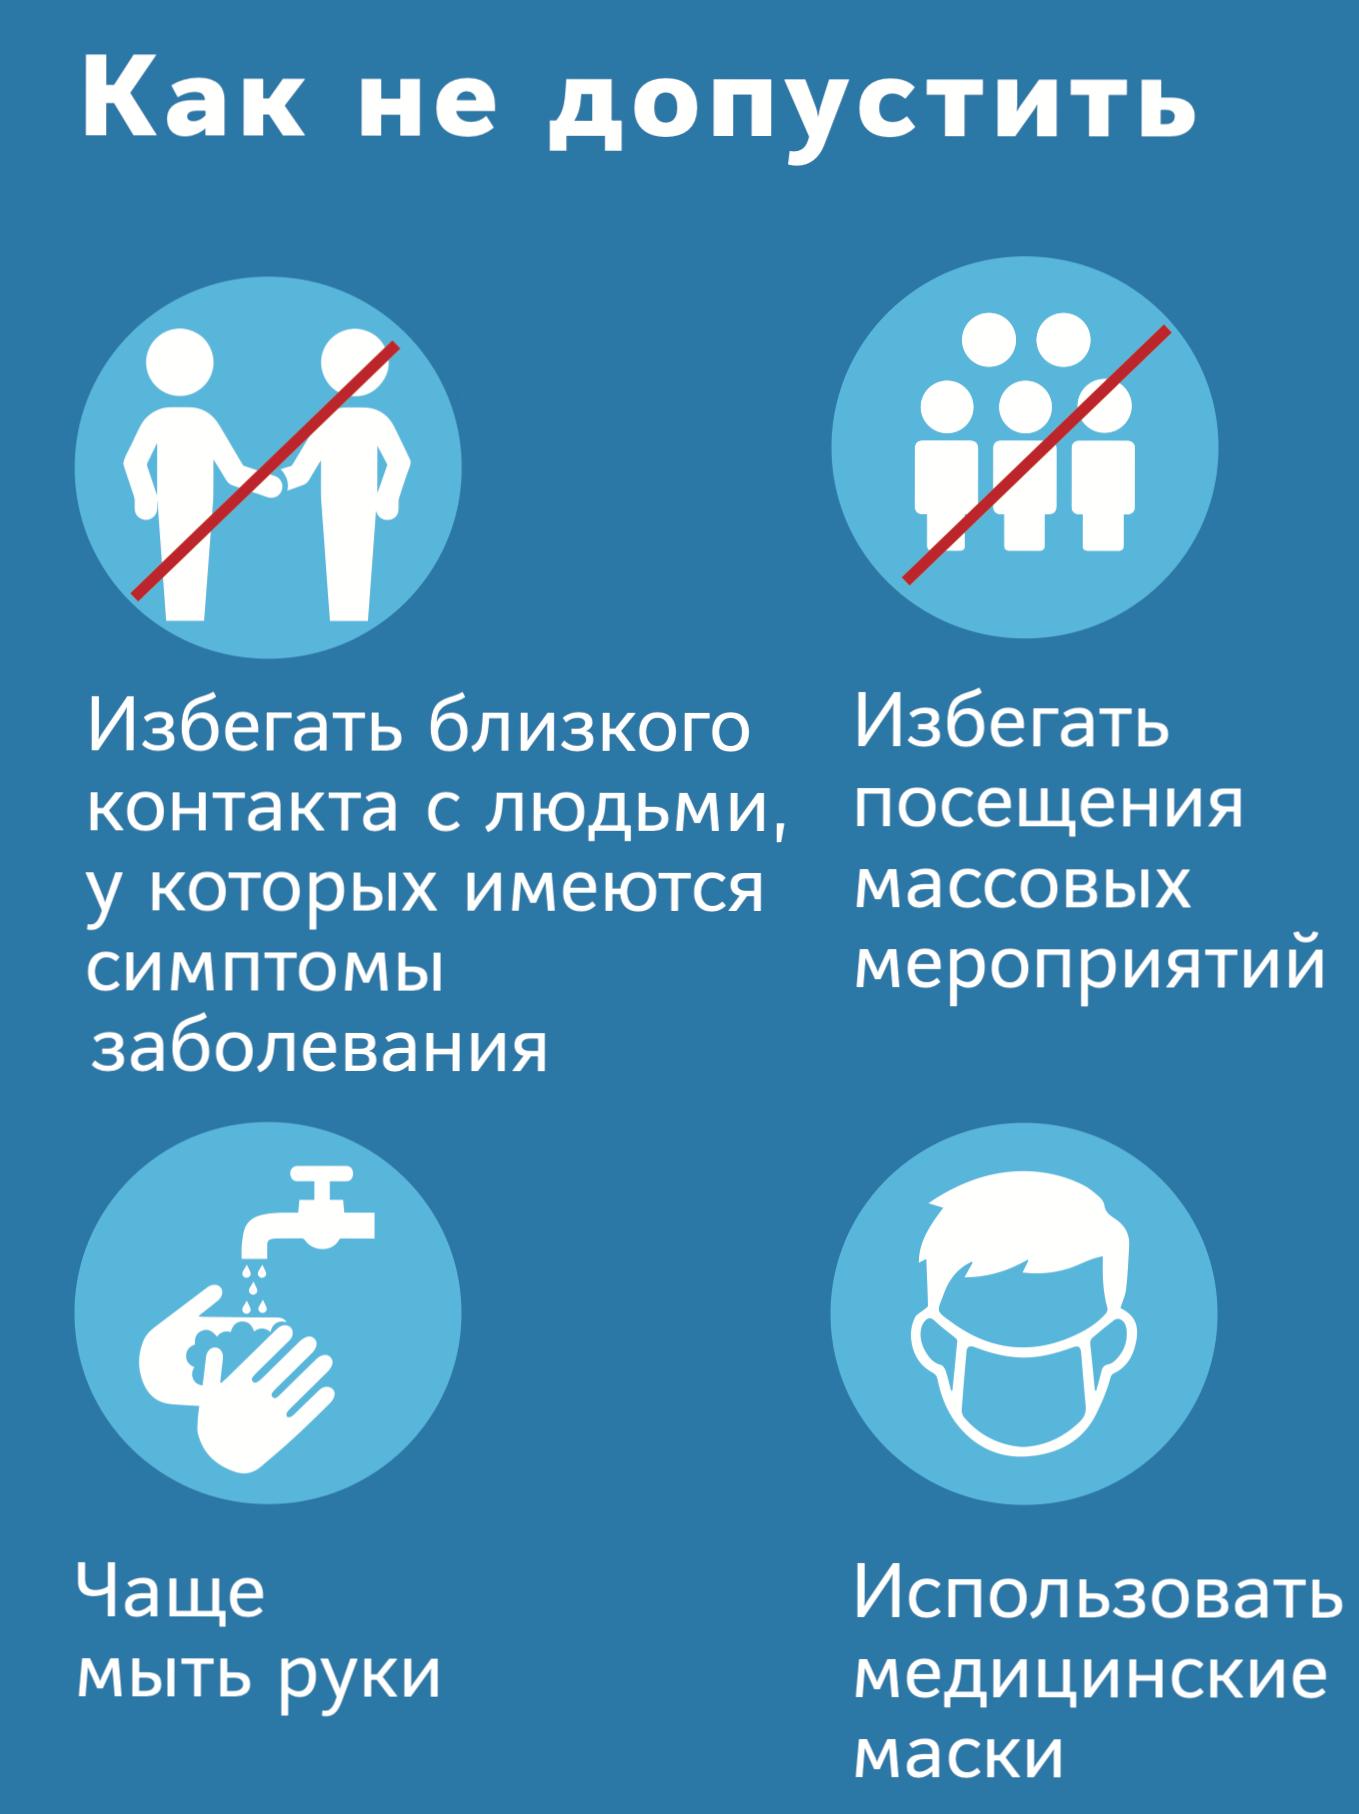 Оформление больничного листа в случае действия карантина по коронавирусной инфекции на работе, в детском саду или школе ребенка